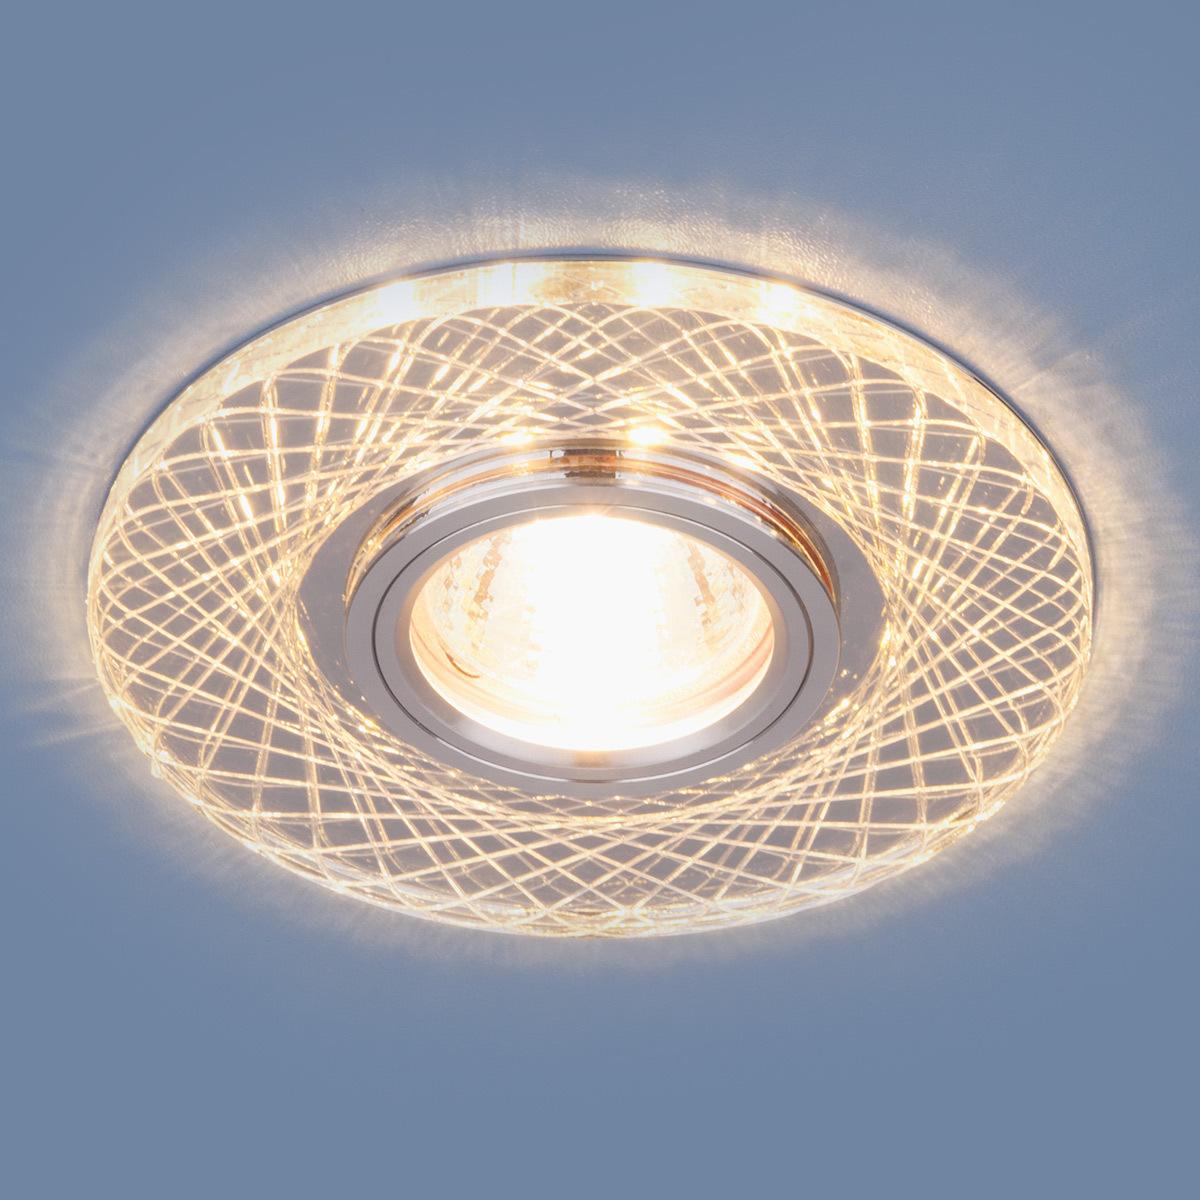 цена на Встраиваемый светильник Elektrostandard Точечный светодиодный 8091 MR16 SL/CH, G5.3